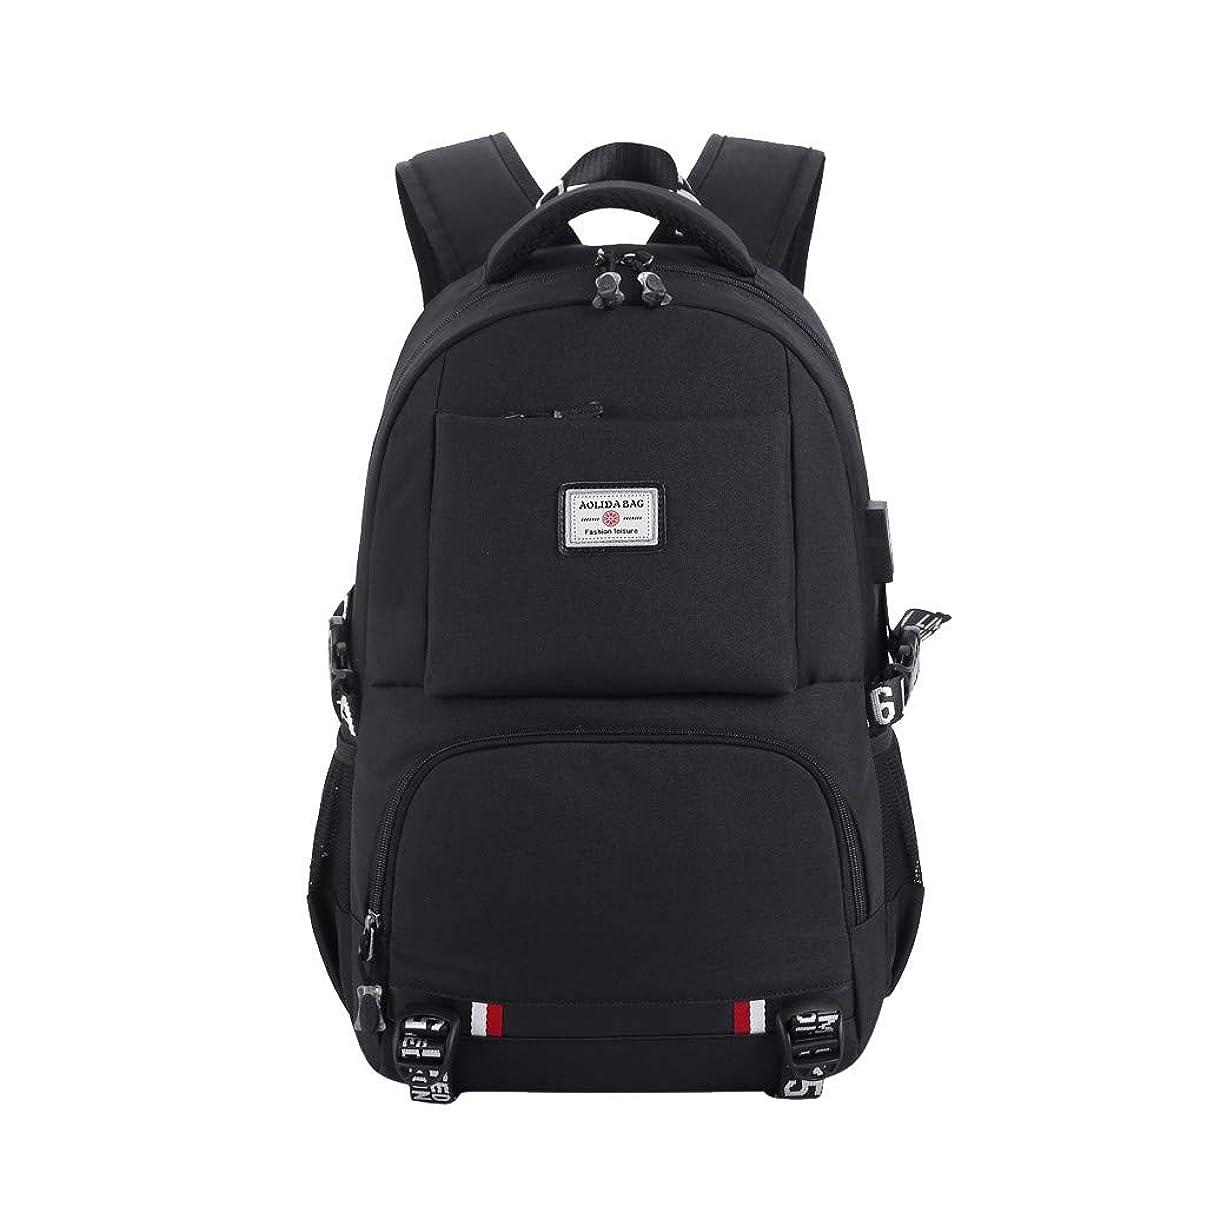 MOGOV Men&Women Lover Bag Casual Backpack USB Charging Backpack Travel Large Capacity Laptop Bag